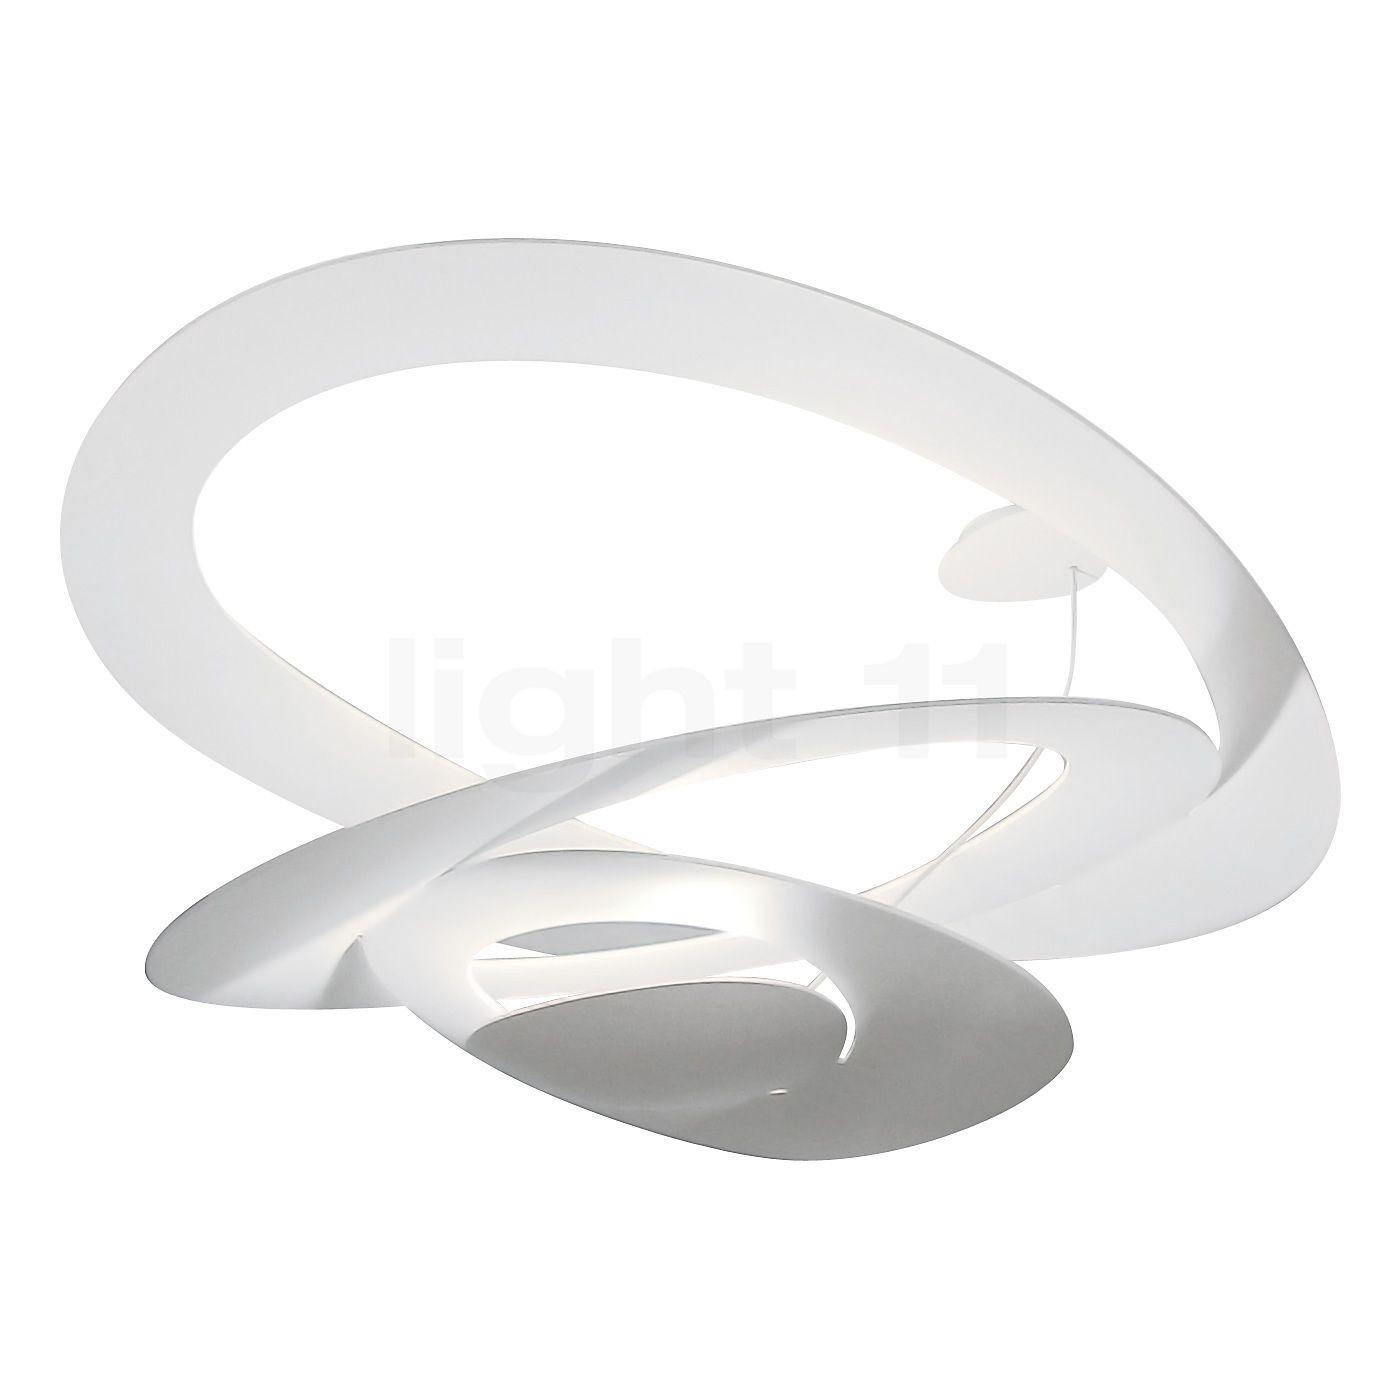 Artemide Pirce Mini Soffitto Led Avec Images Luminaire Lamp Plafonnier